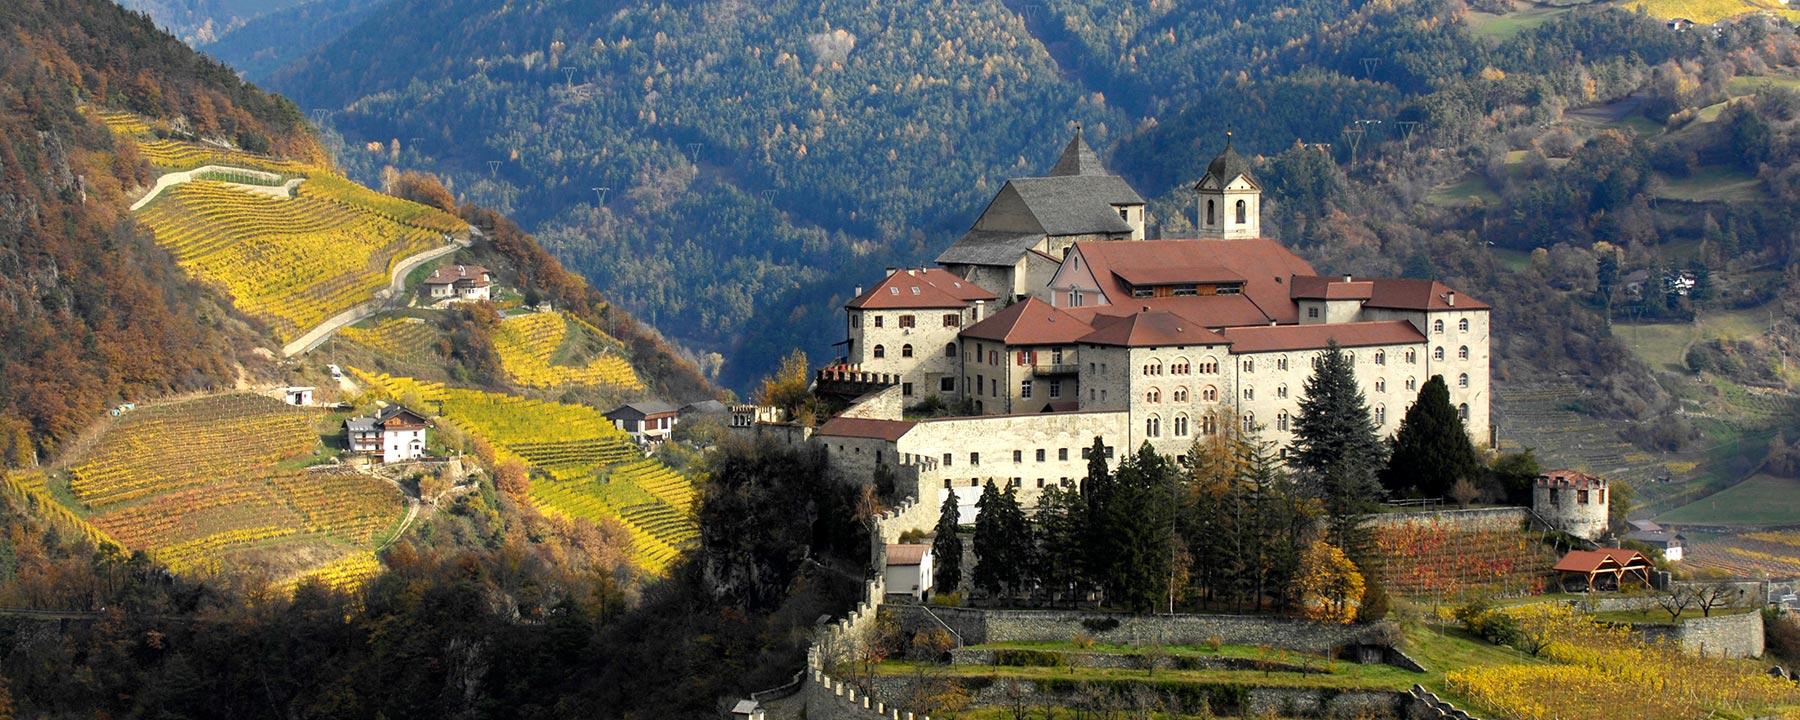 Kloster Säben Klausen Südtirol